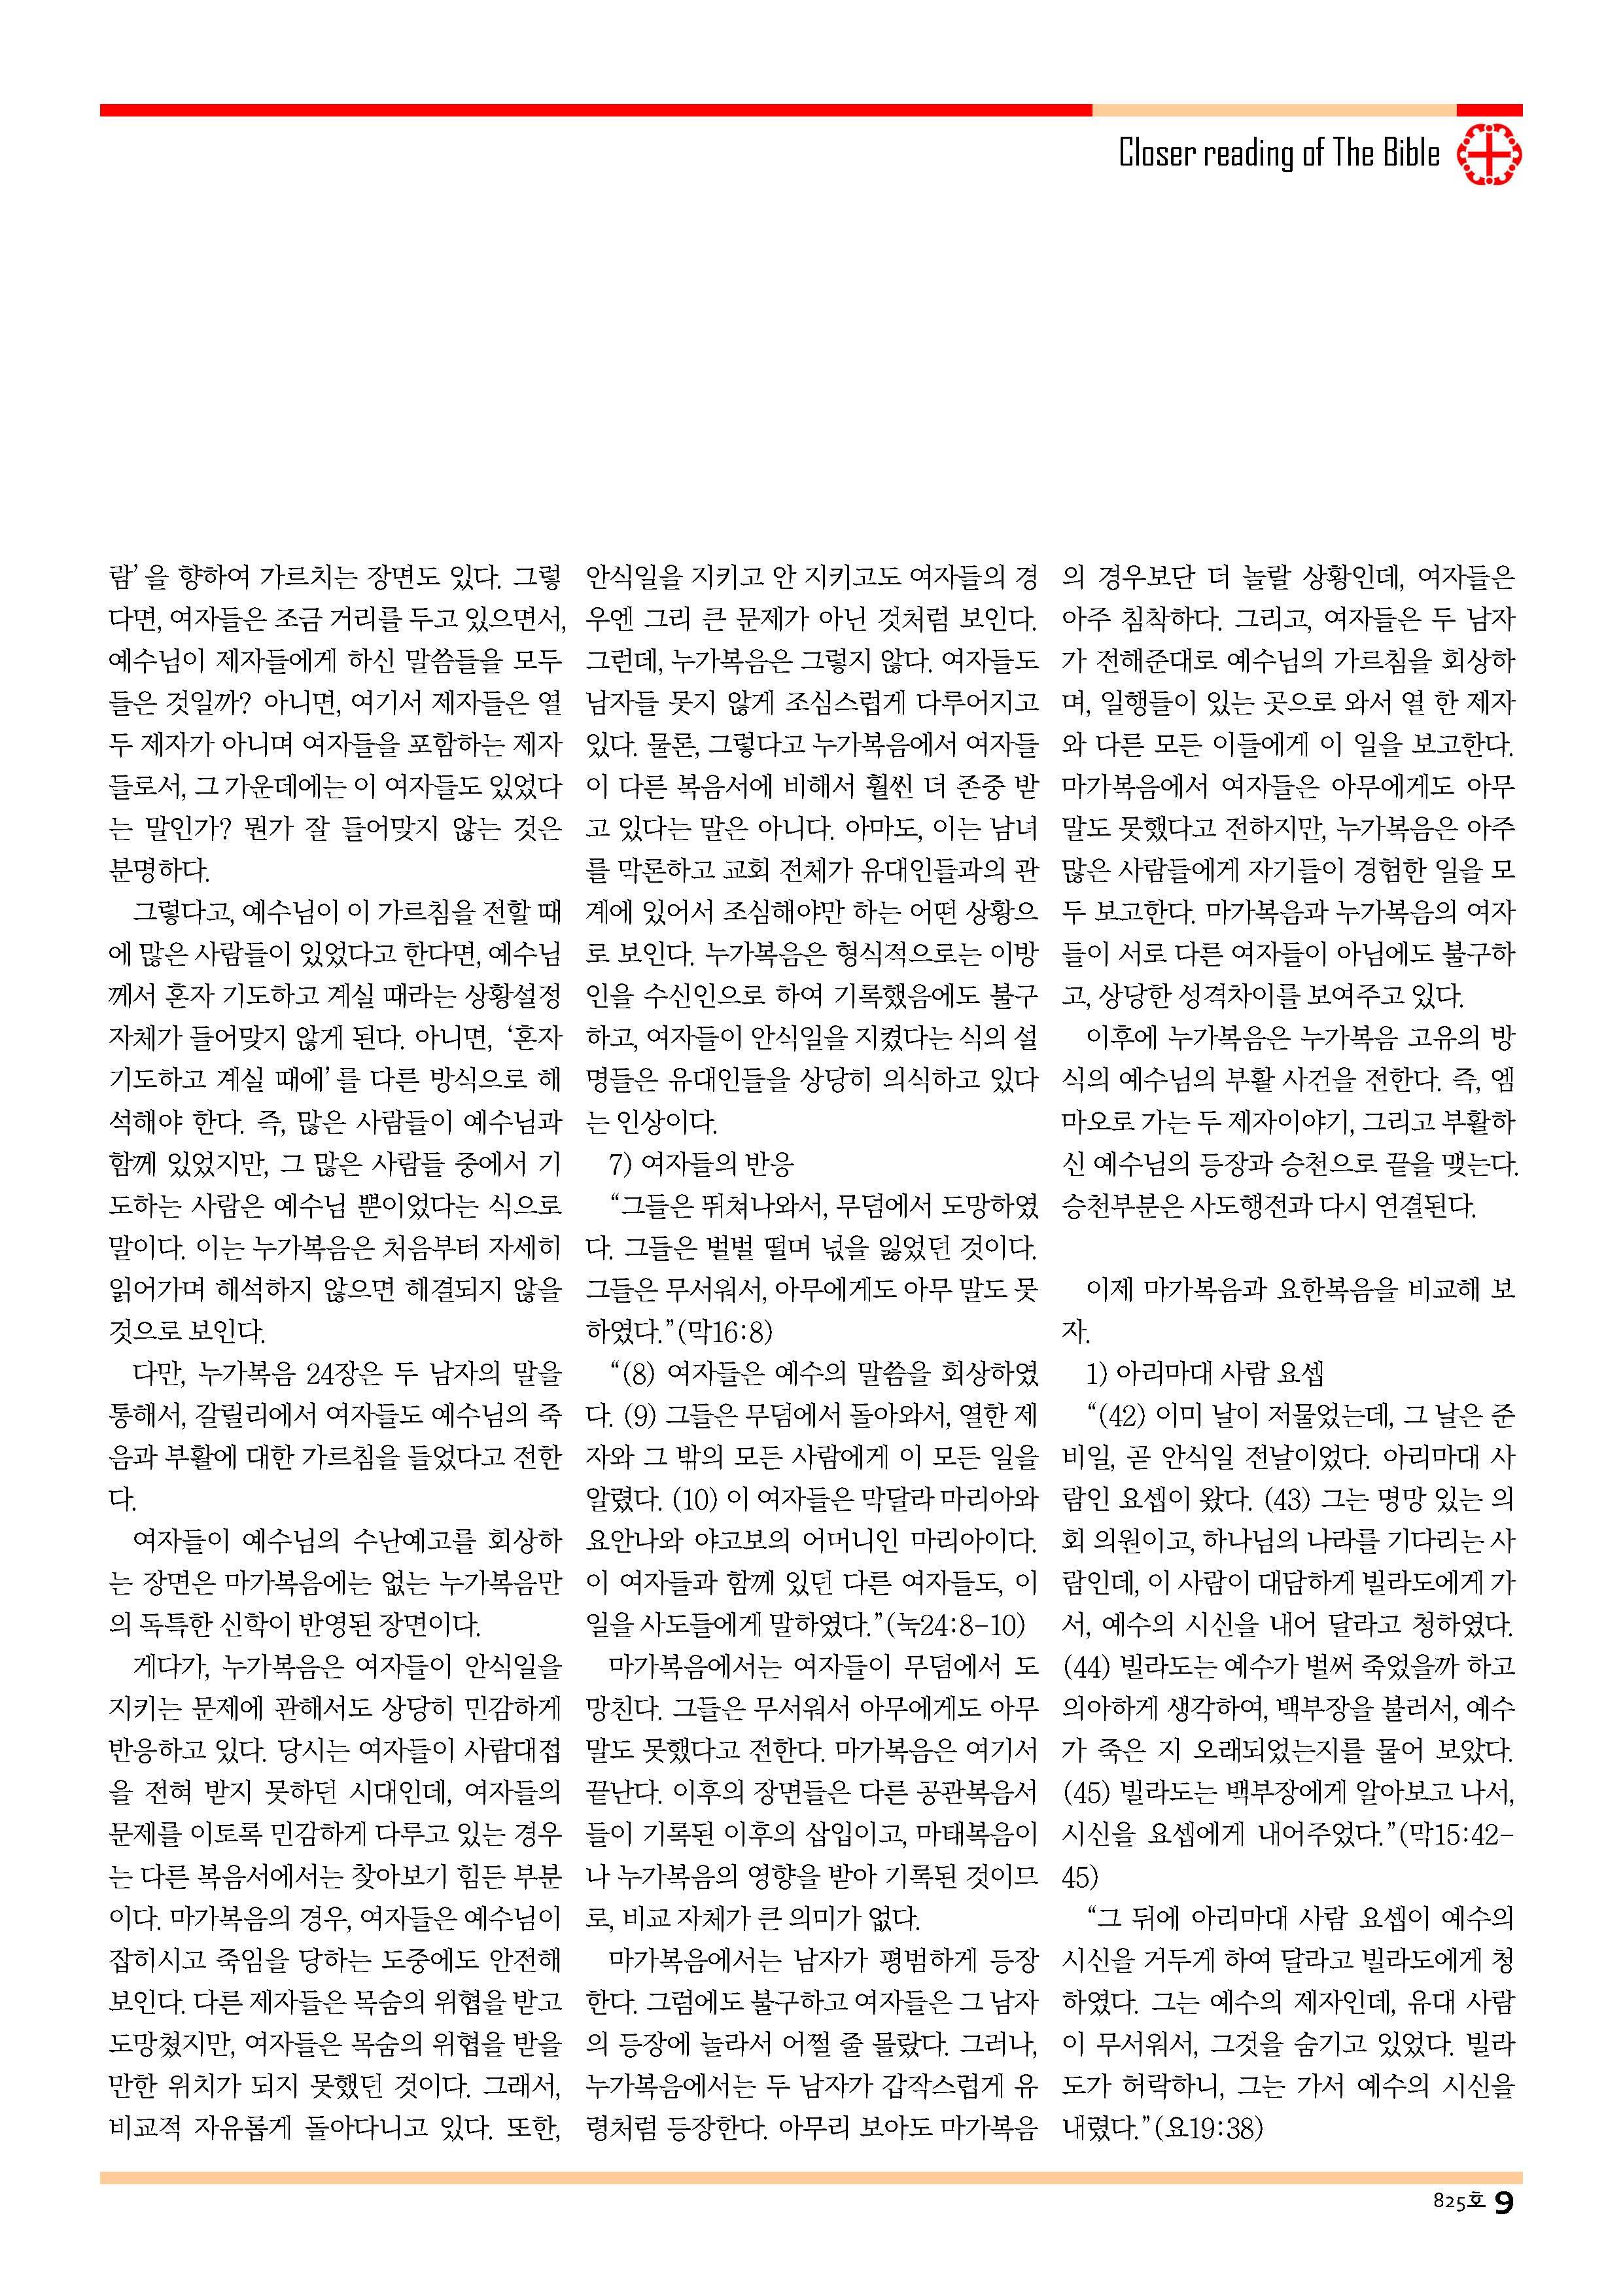 13sdjb0818_Page_09.jpg